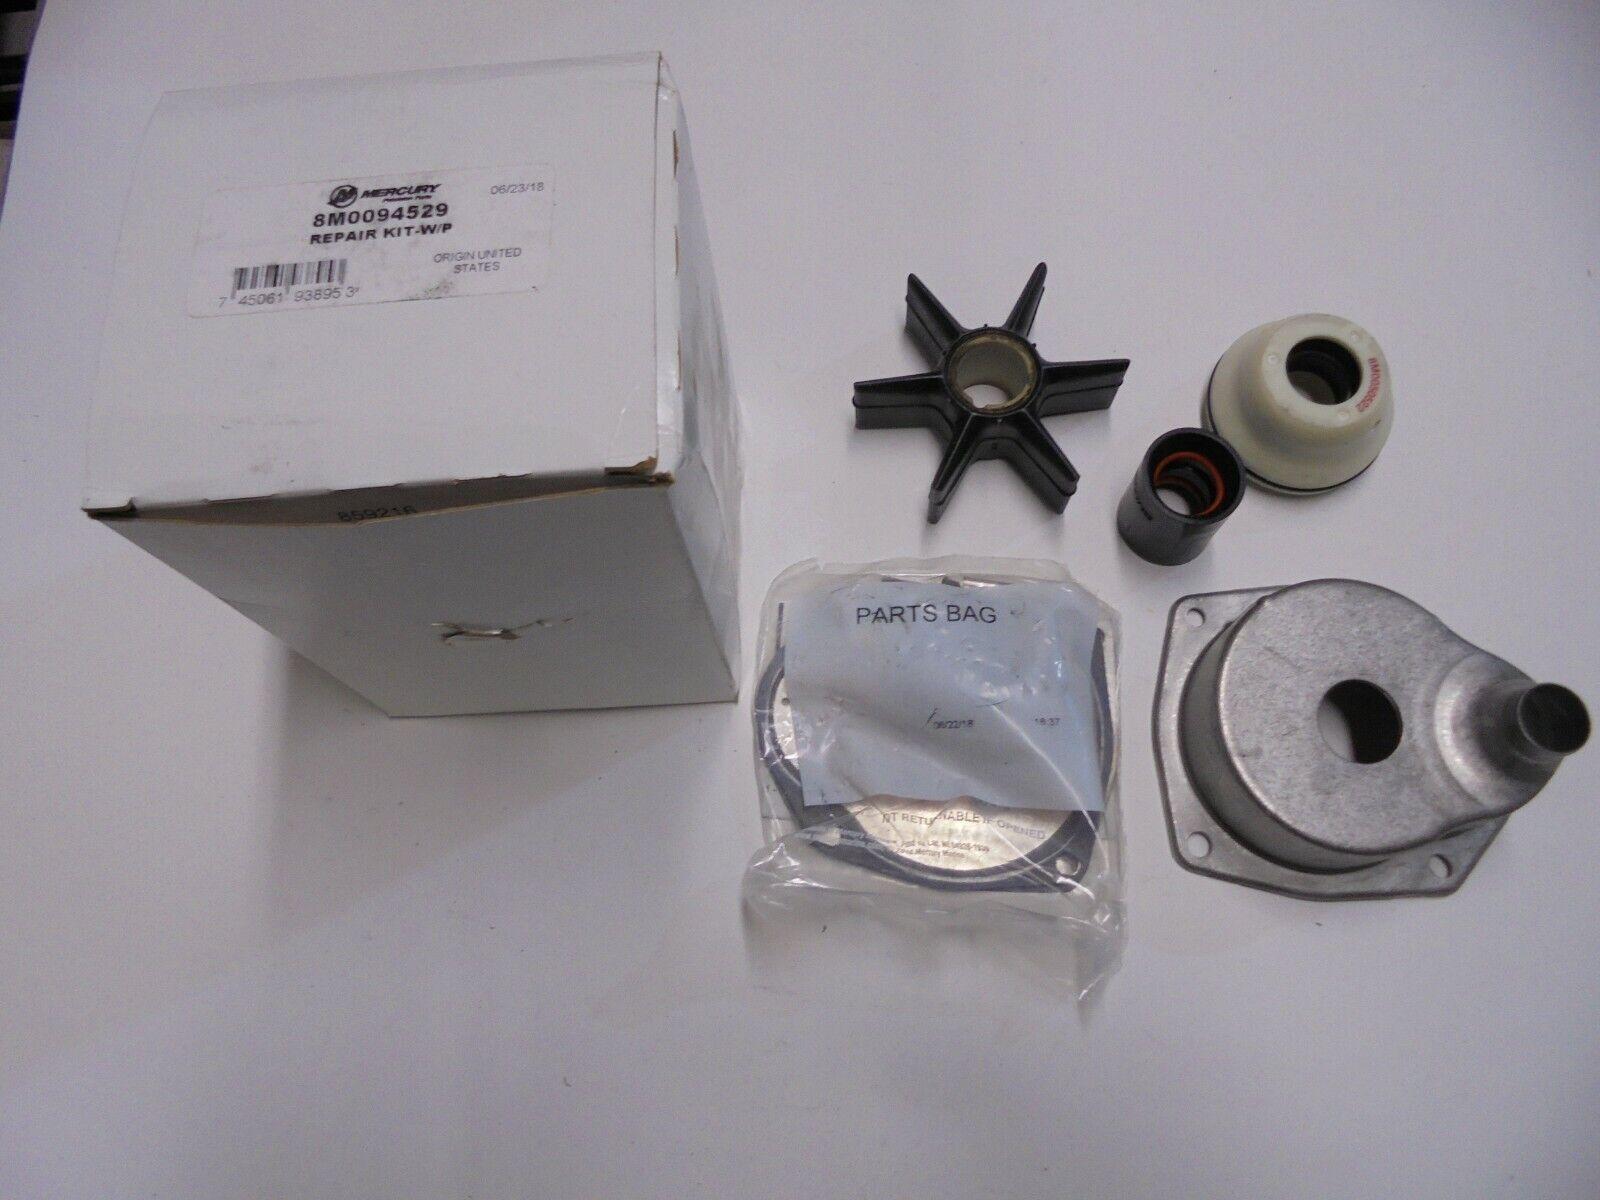 Mercury 8M0094529 Water Pump Repair Kit